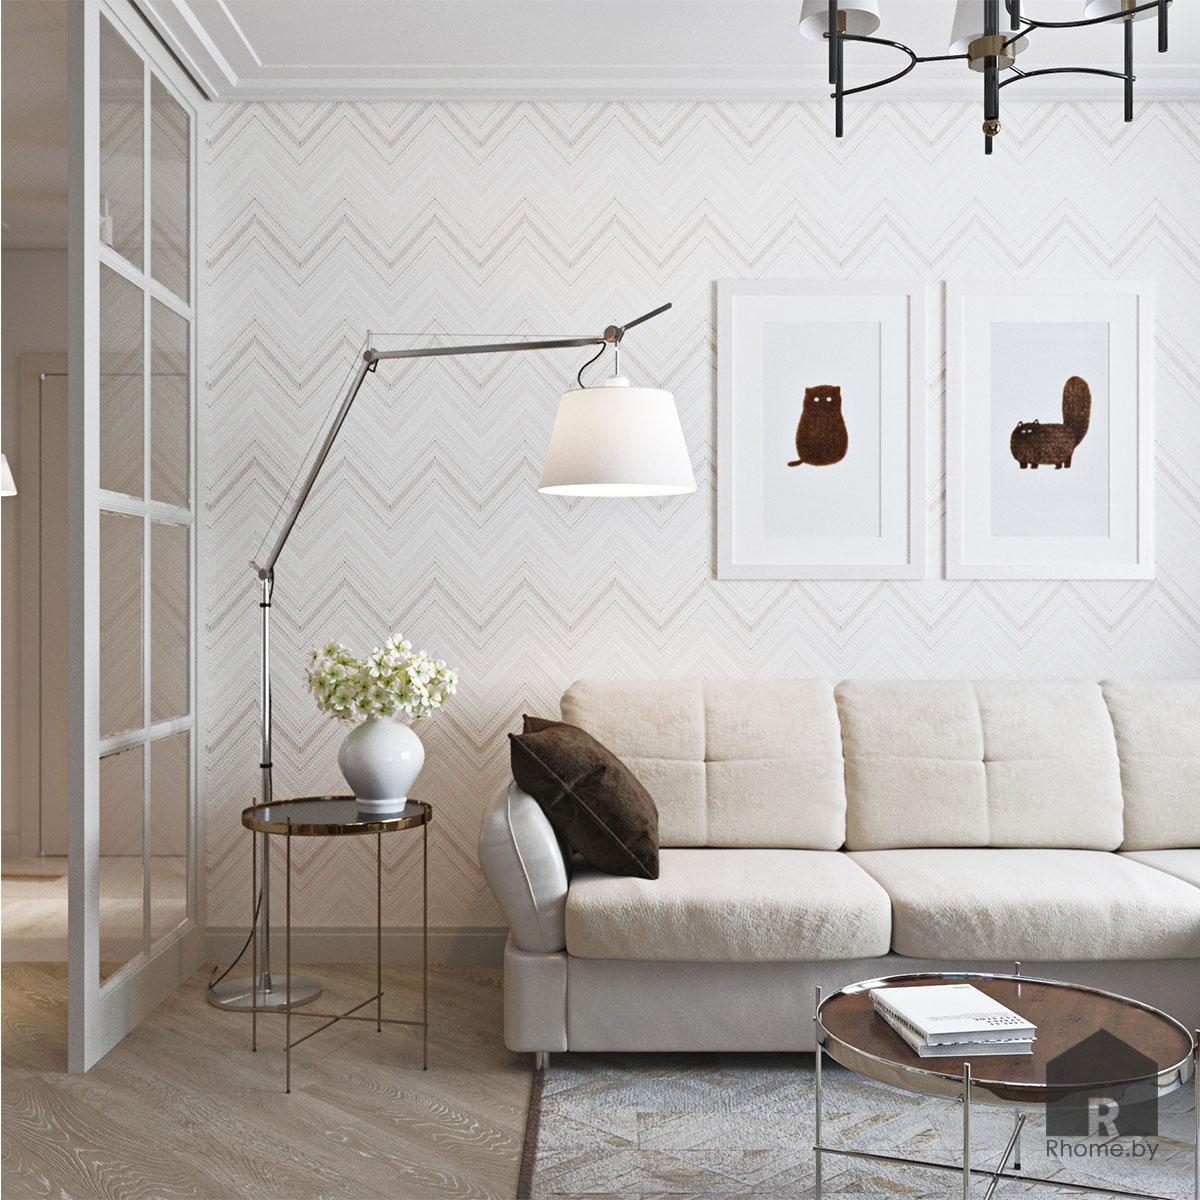 Дизайн интерьера гостиной по ул. Белинского | Дизайн студия – Rhome.by